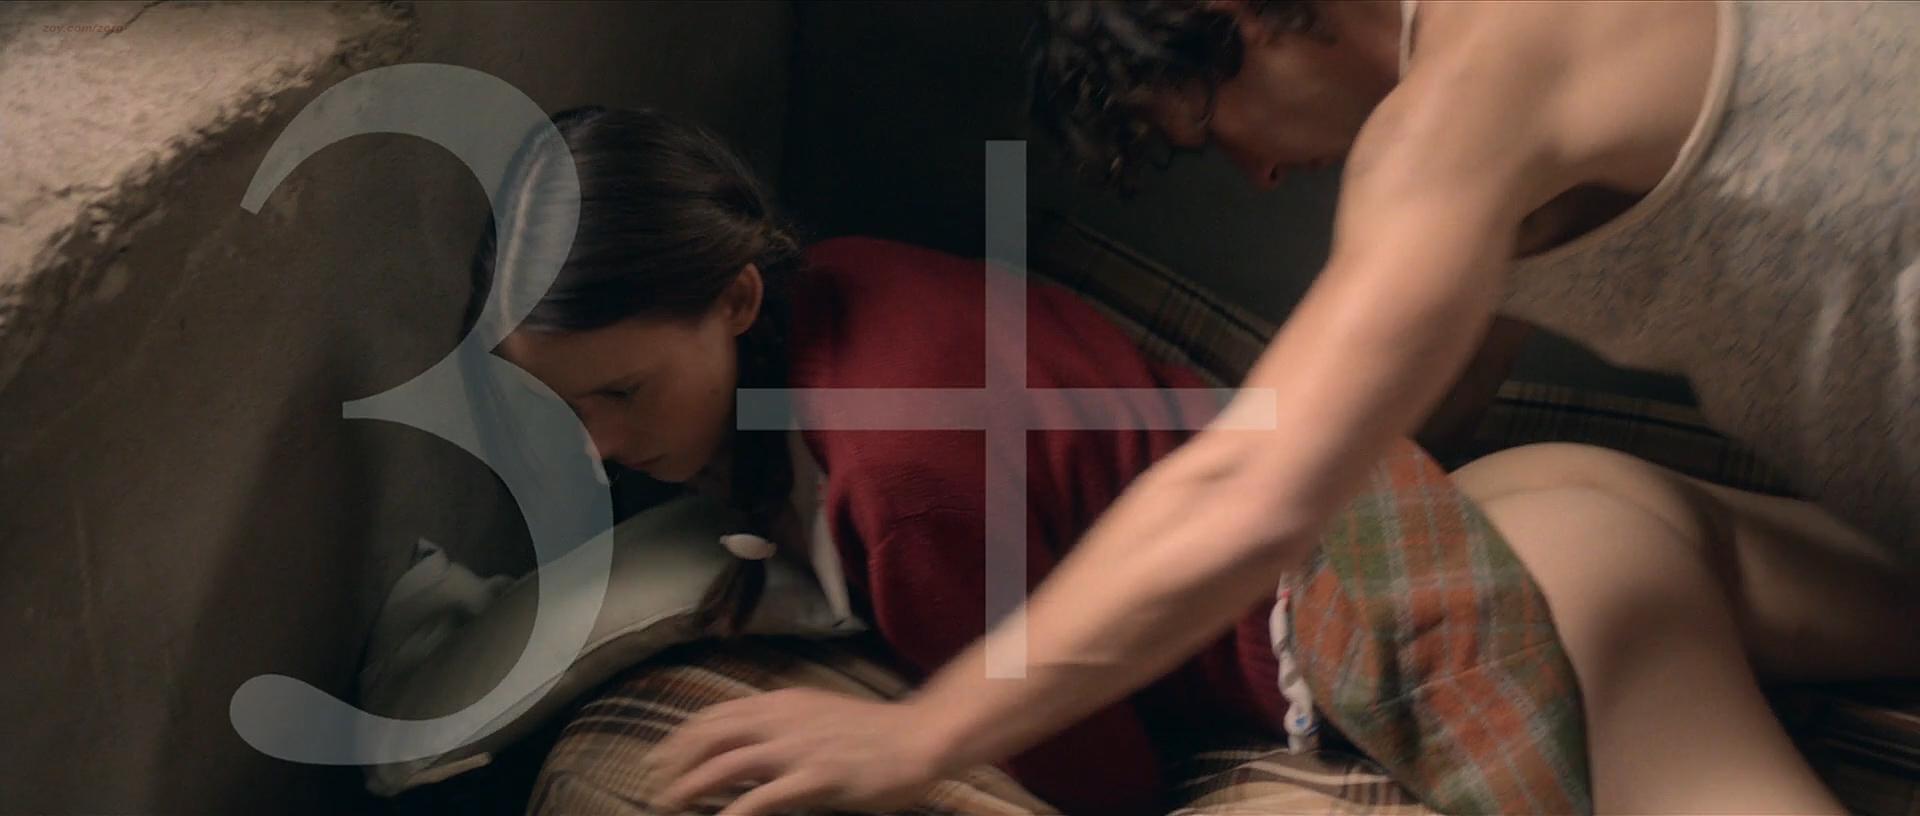 Stacy Martin nude explicit sex oral and vaginal - Nymphomaniac Vol I (2013) Directors Cut hd1080p (13)